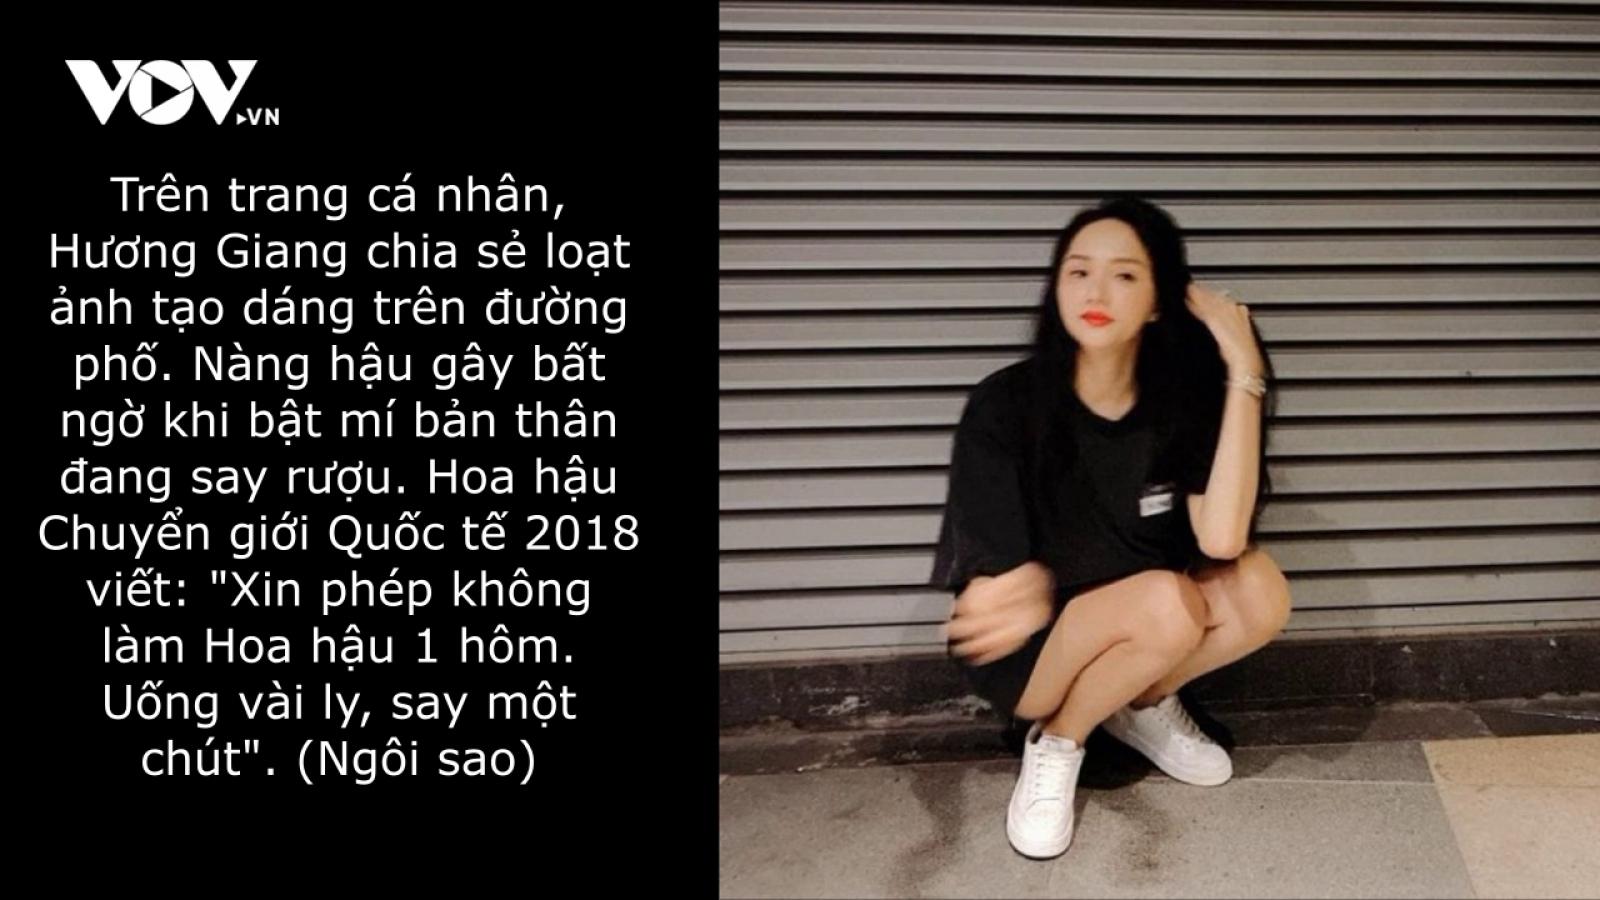 """Chuyện showbiz: Hương Giang """"xin phép"""" không làm Hoa hậu một hôm"""